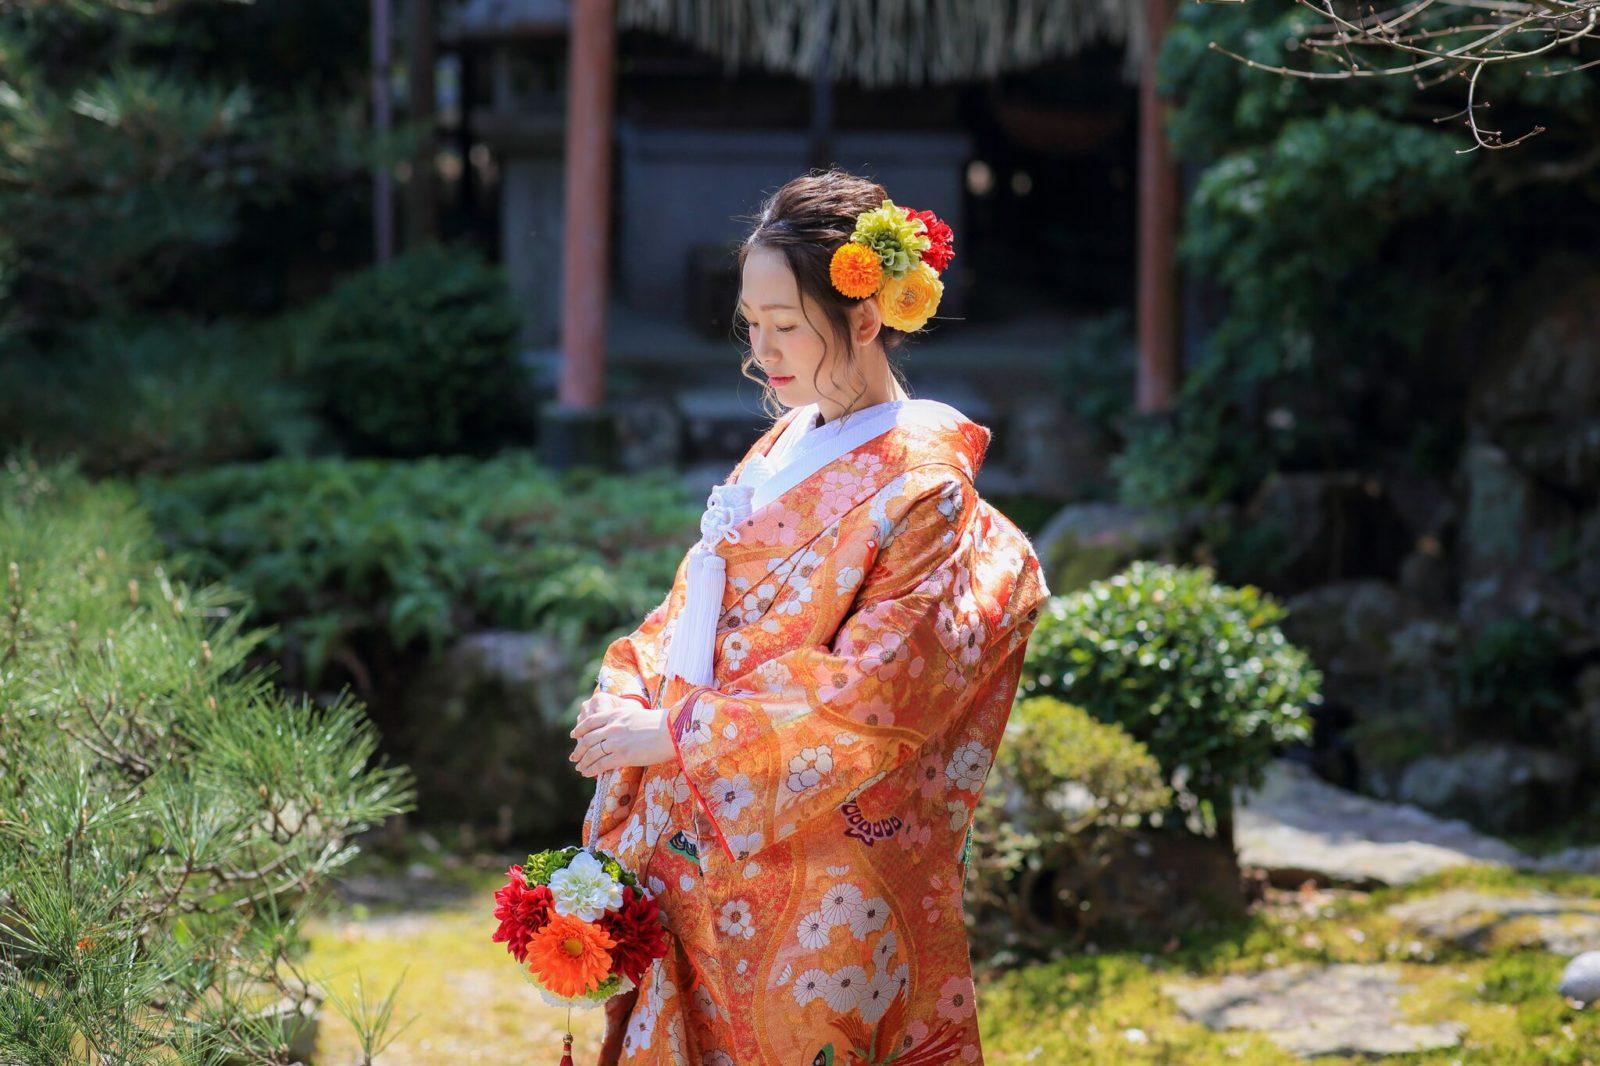 カラフルな髪飾りの花嫁様